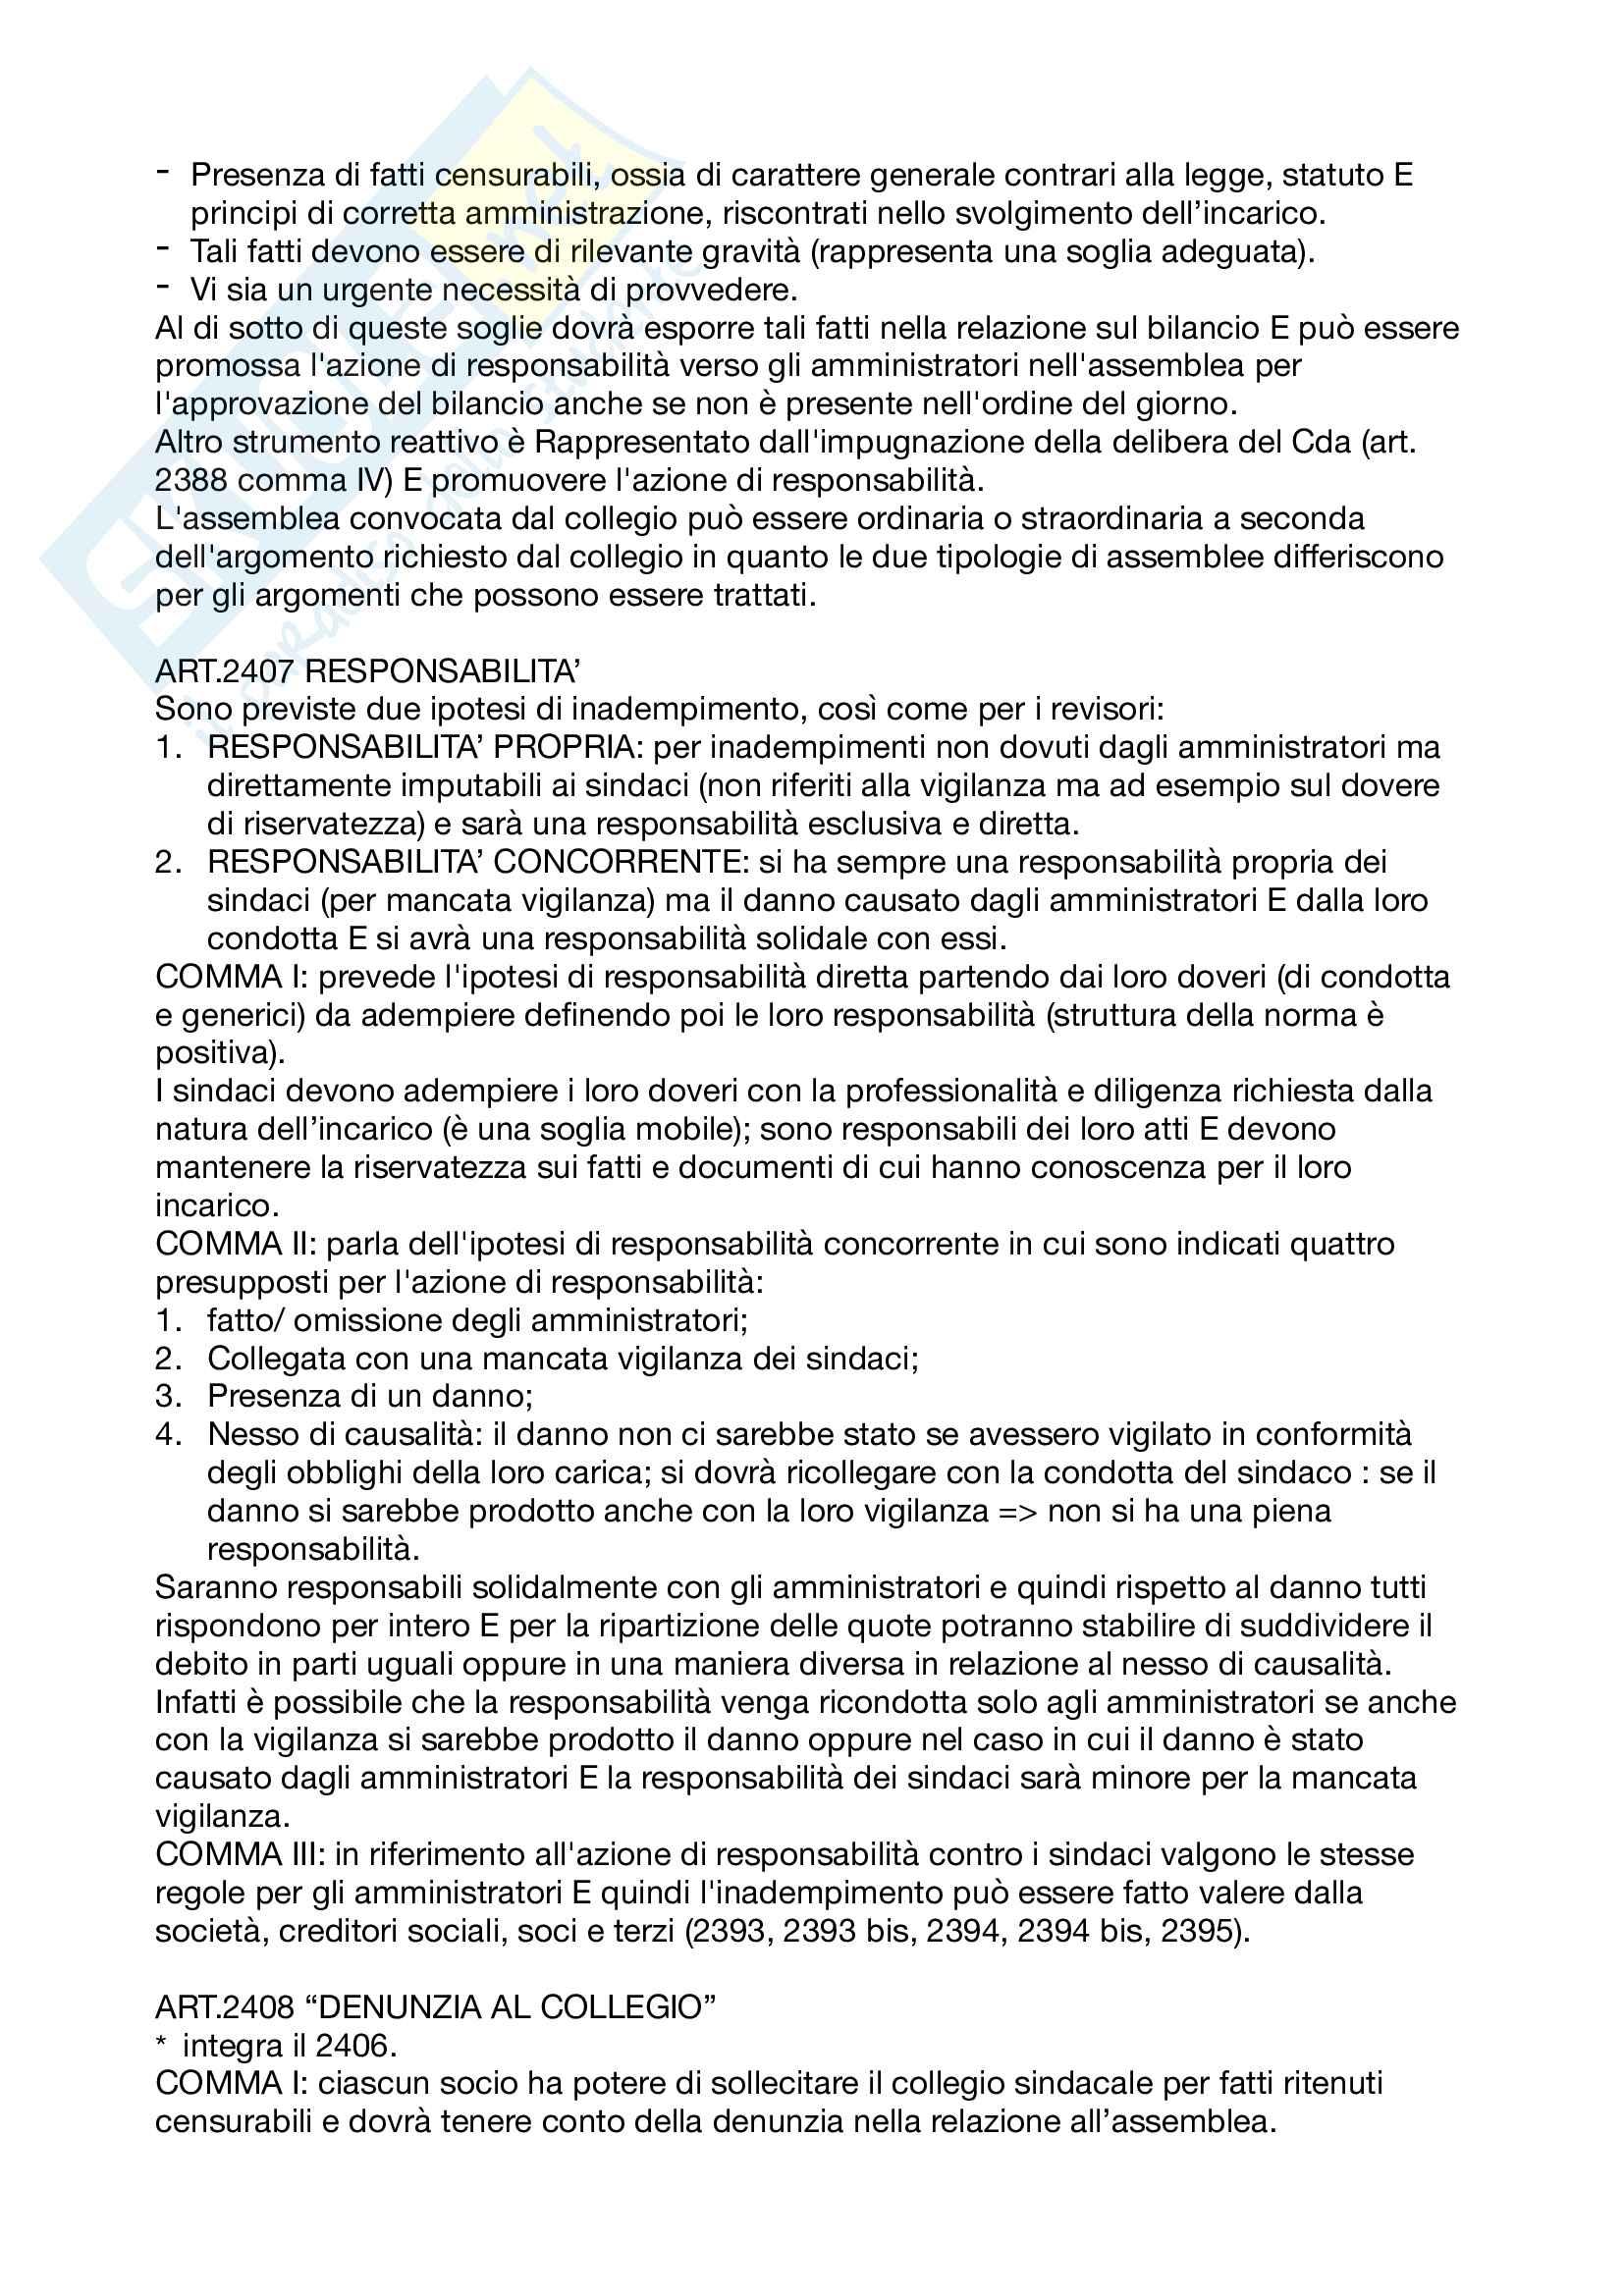 Appunti Diritto commerciale corso avanzato Pag. 26